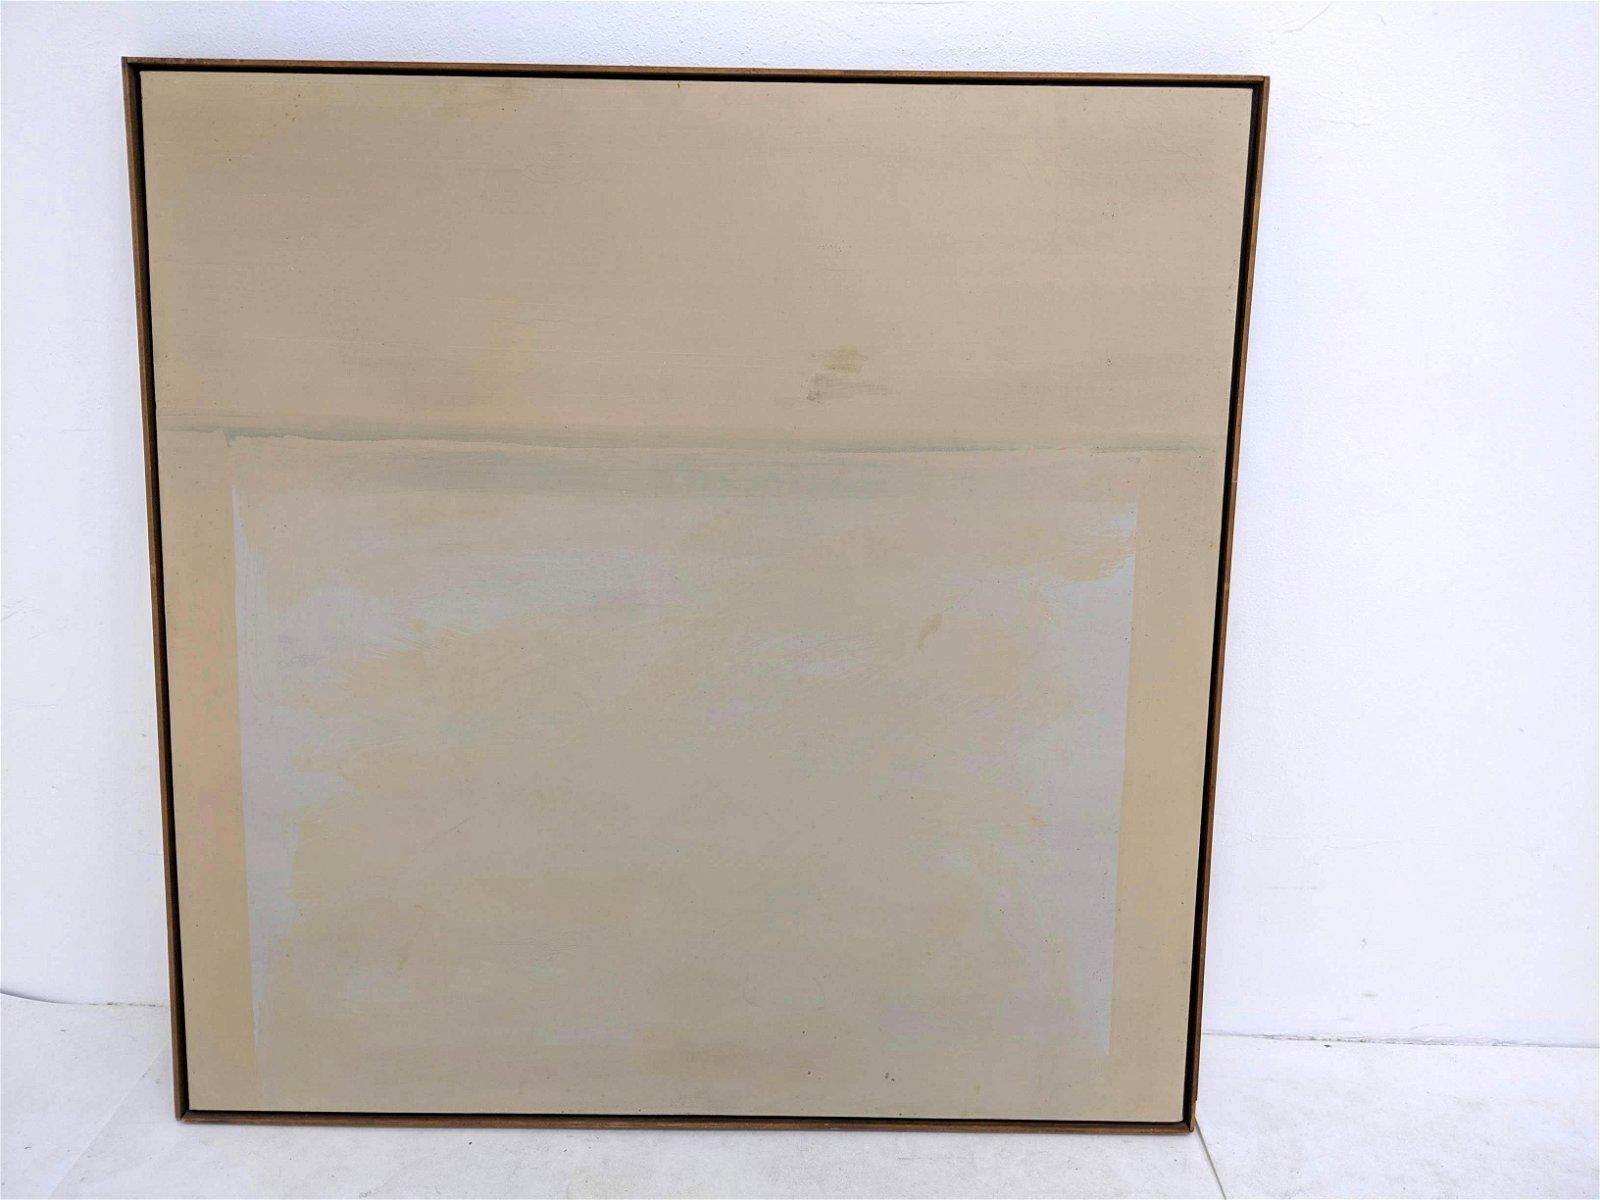 P WILSON 1974 Minimalist Abstract Oil on Canvas. Neutra